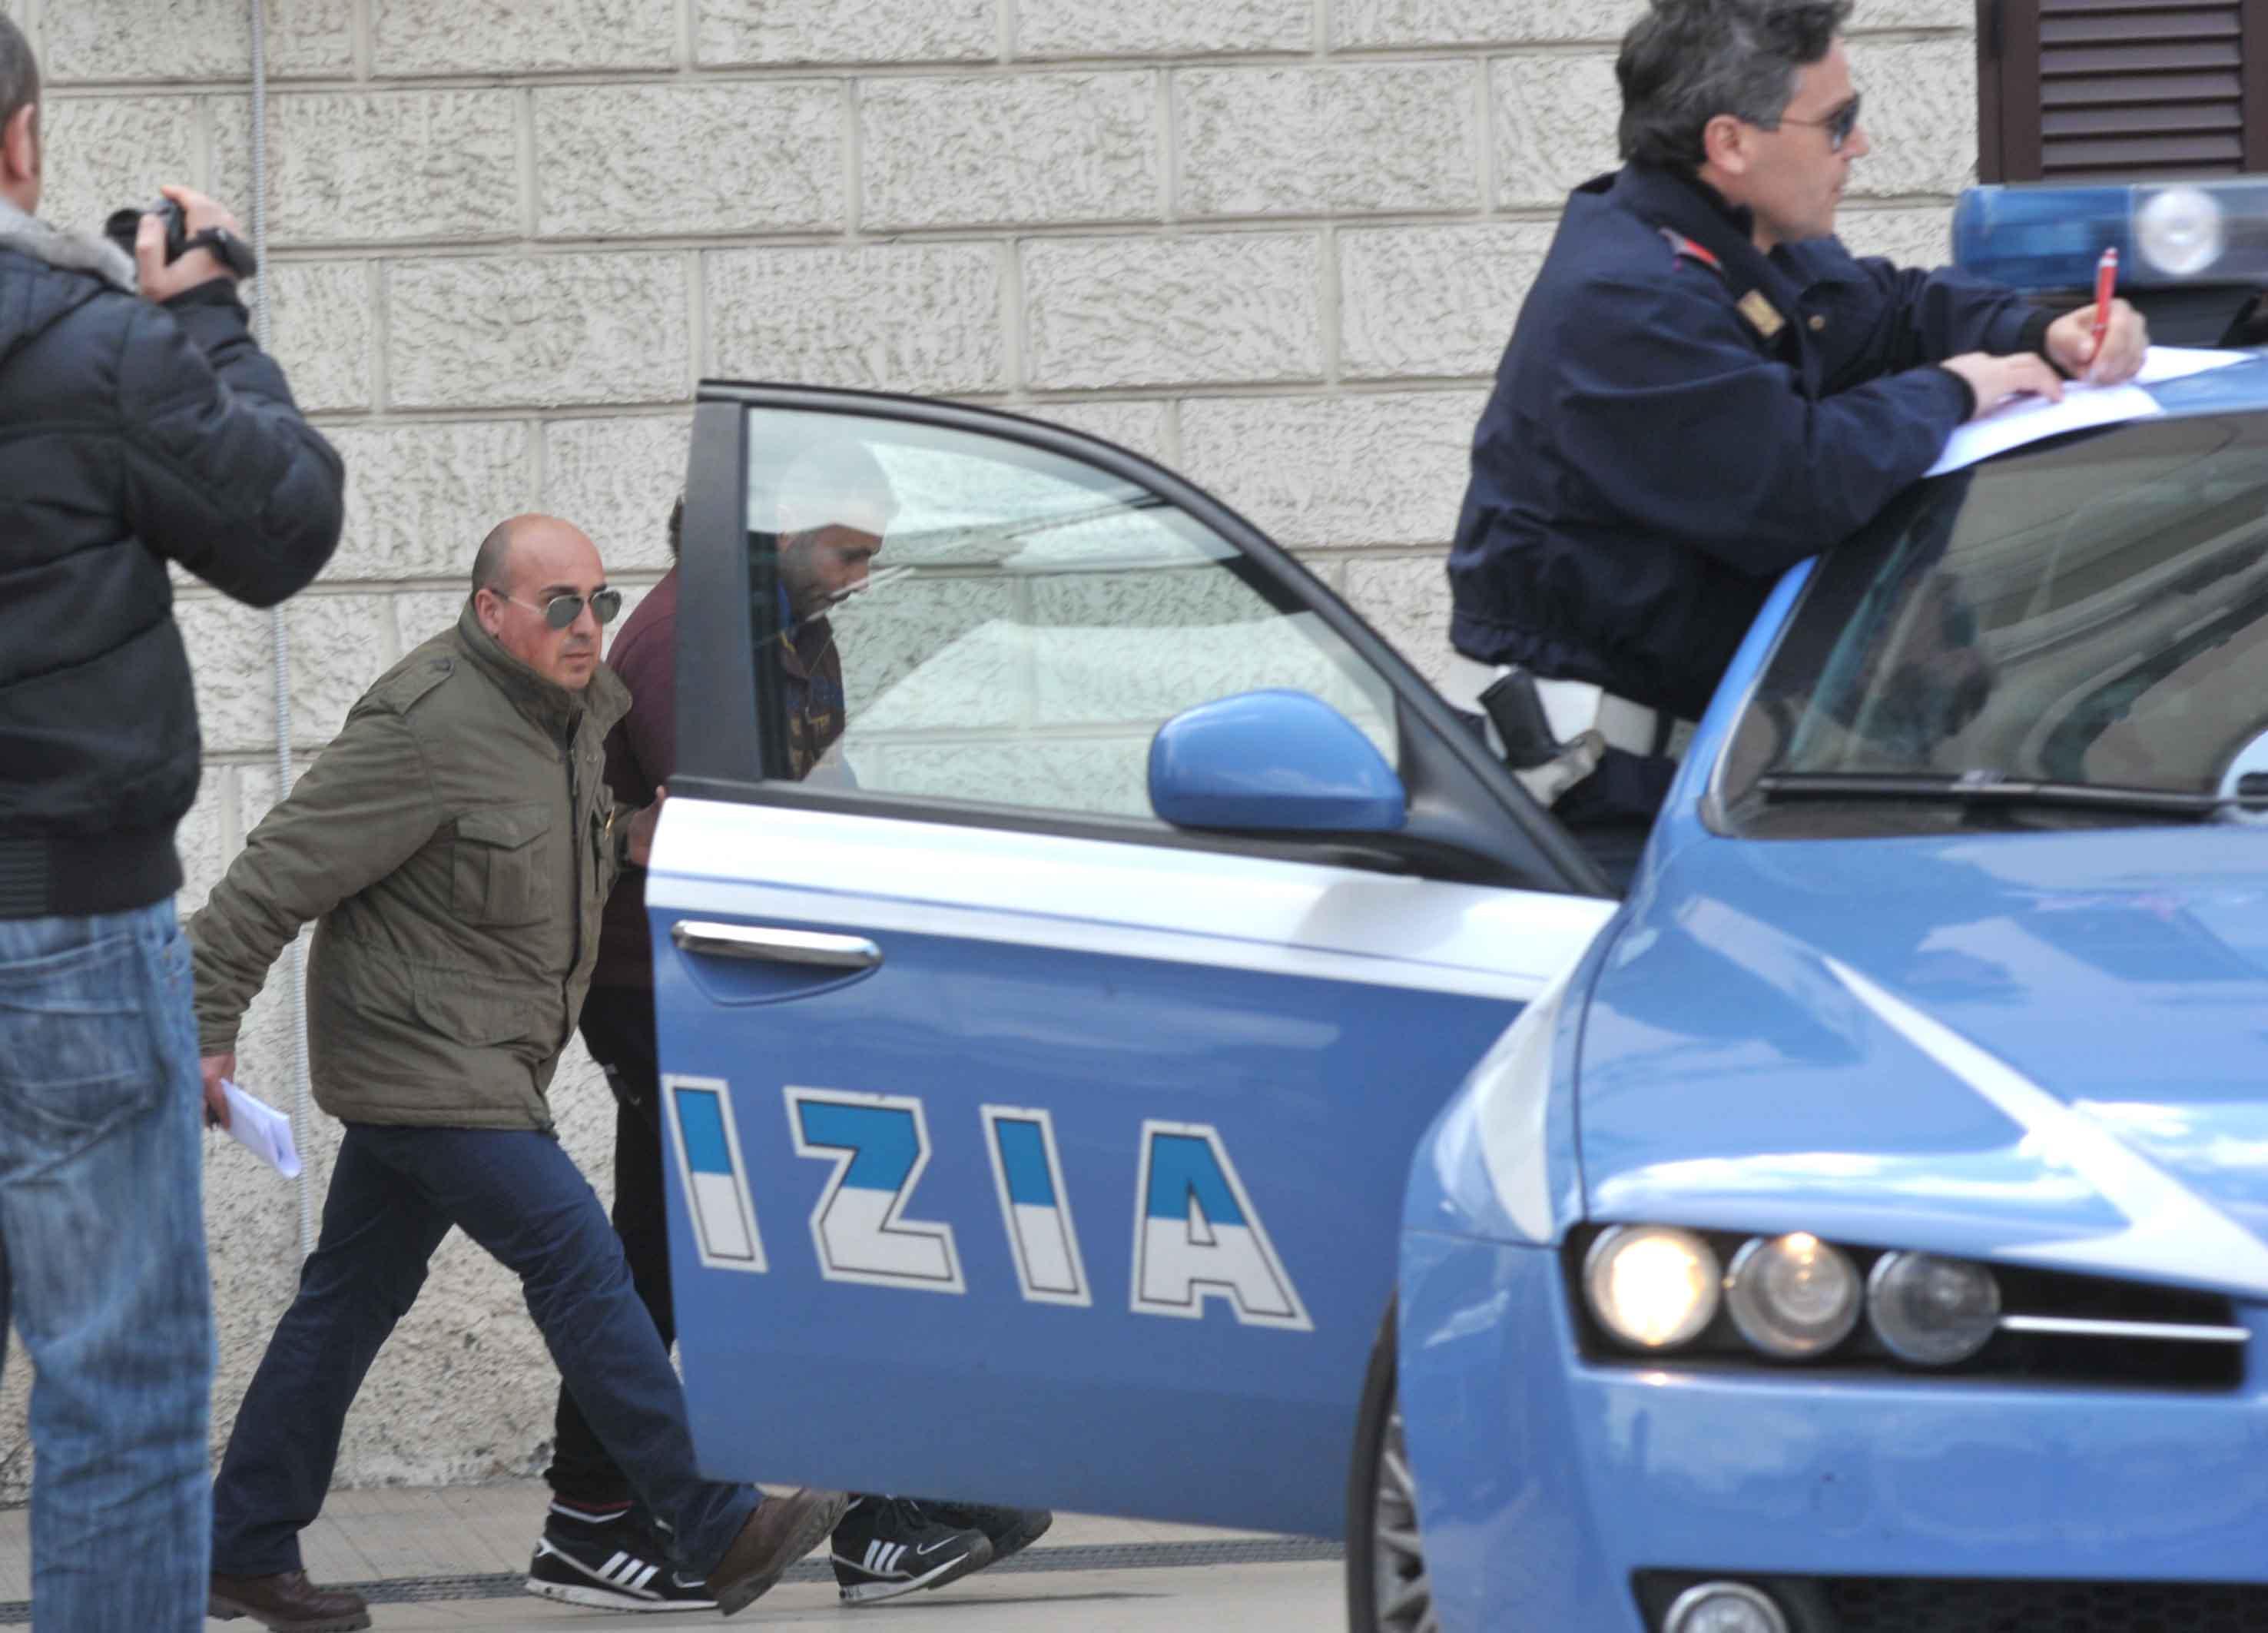 POLIZIA_ARRESTI_OPERAZIONE_MERCATO